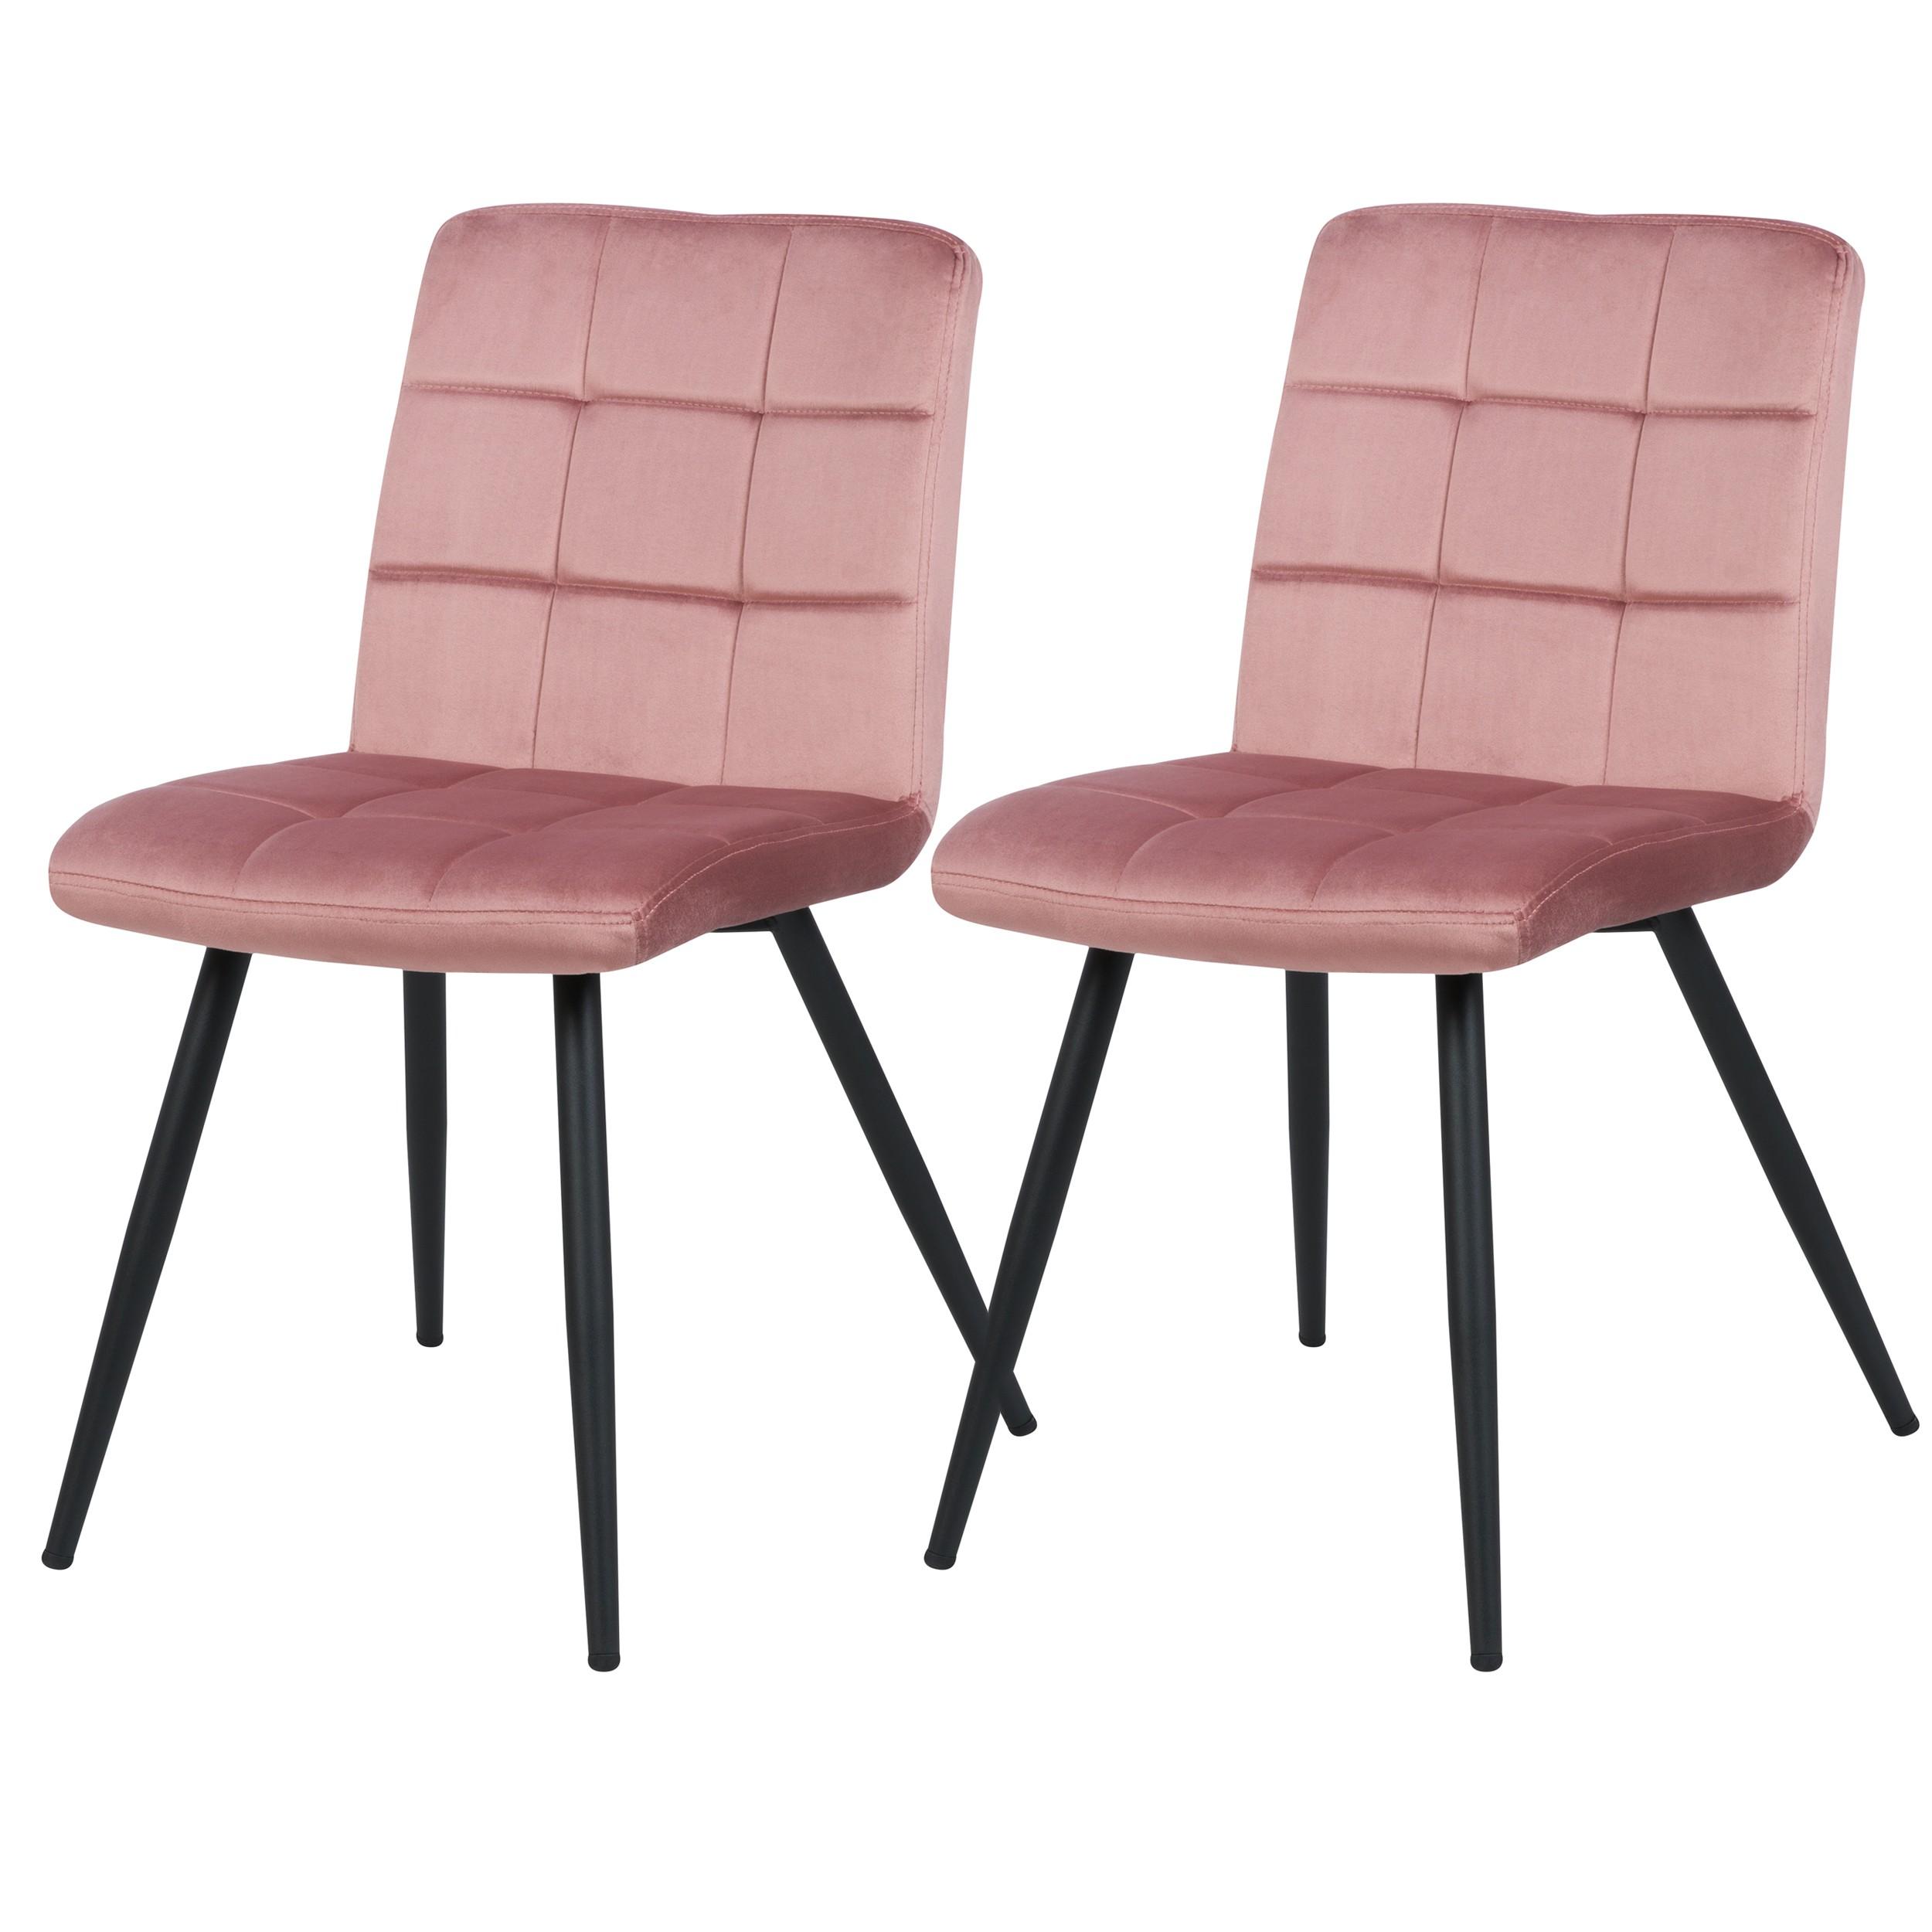 acheter chaise en velours rose